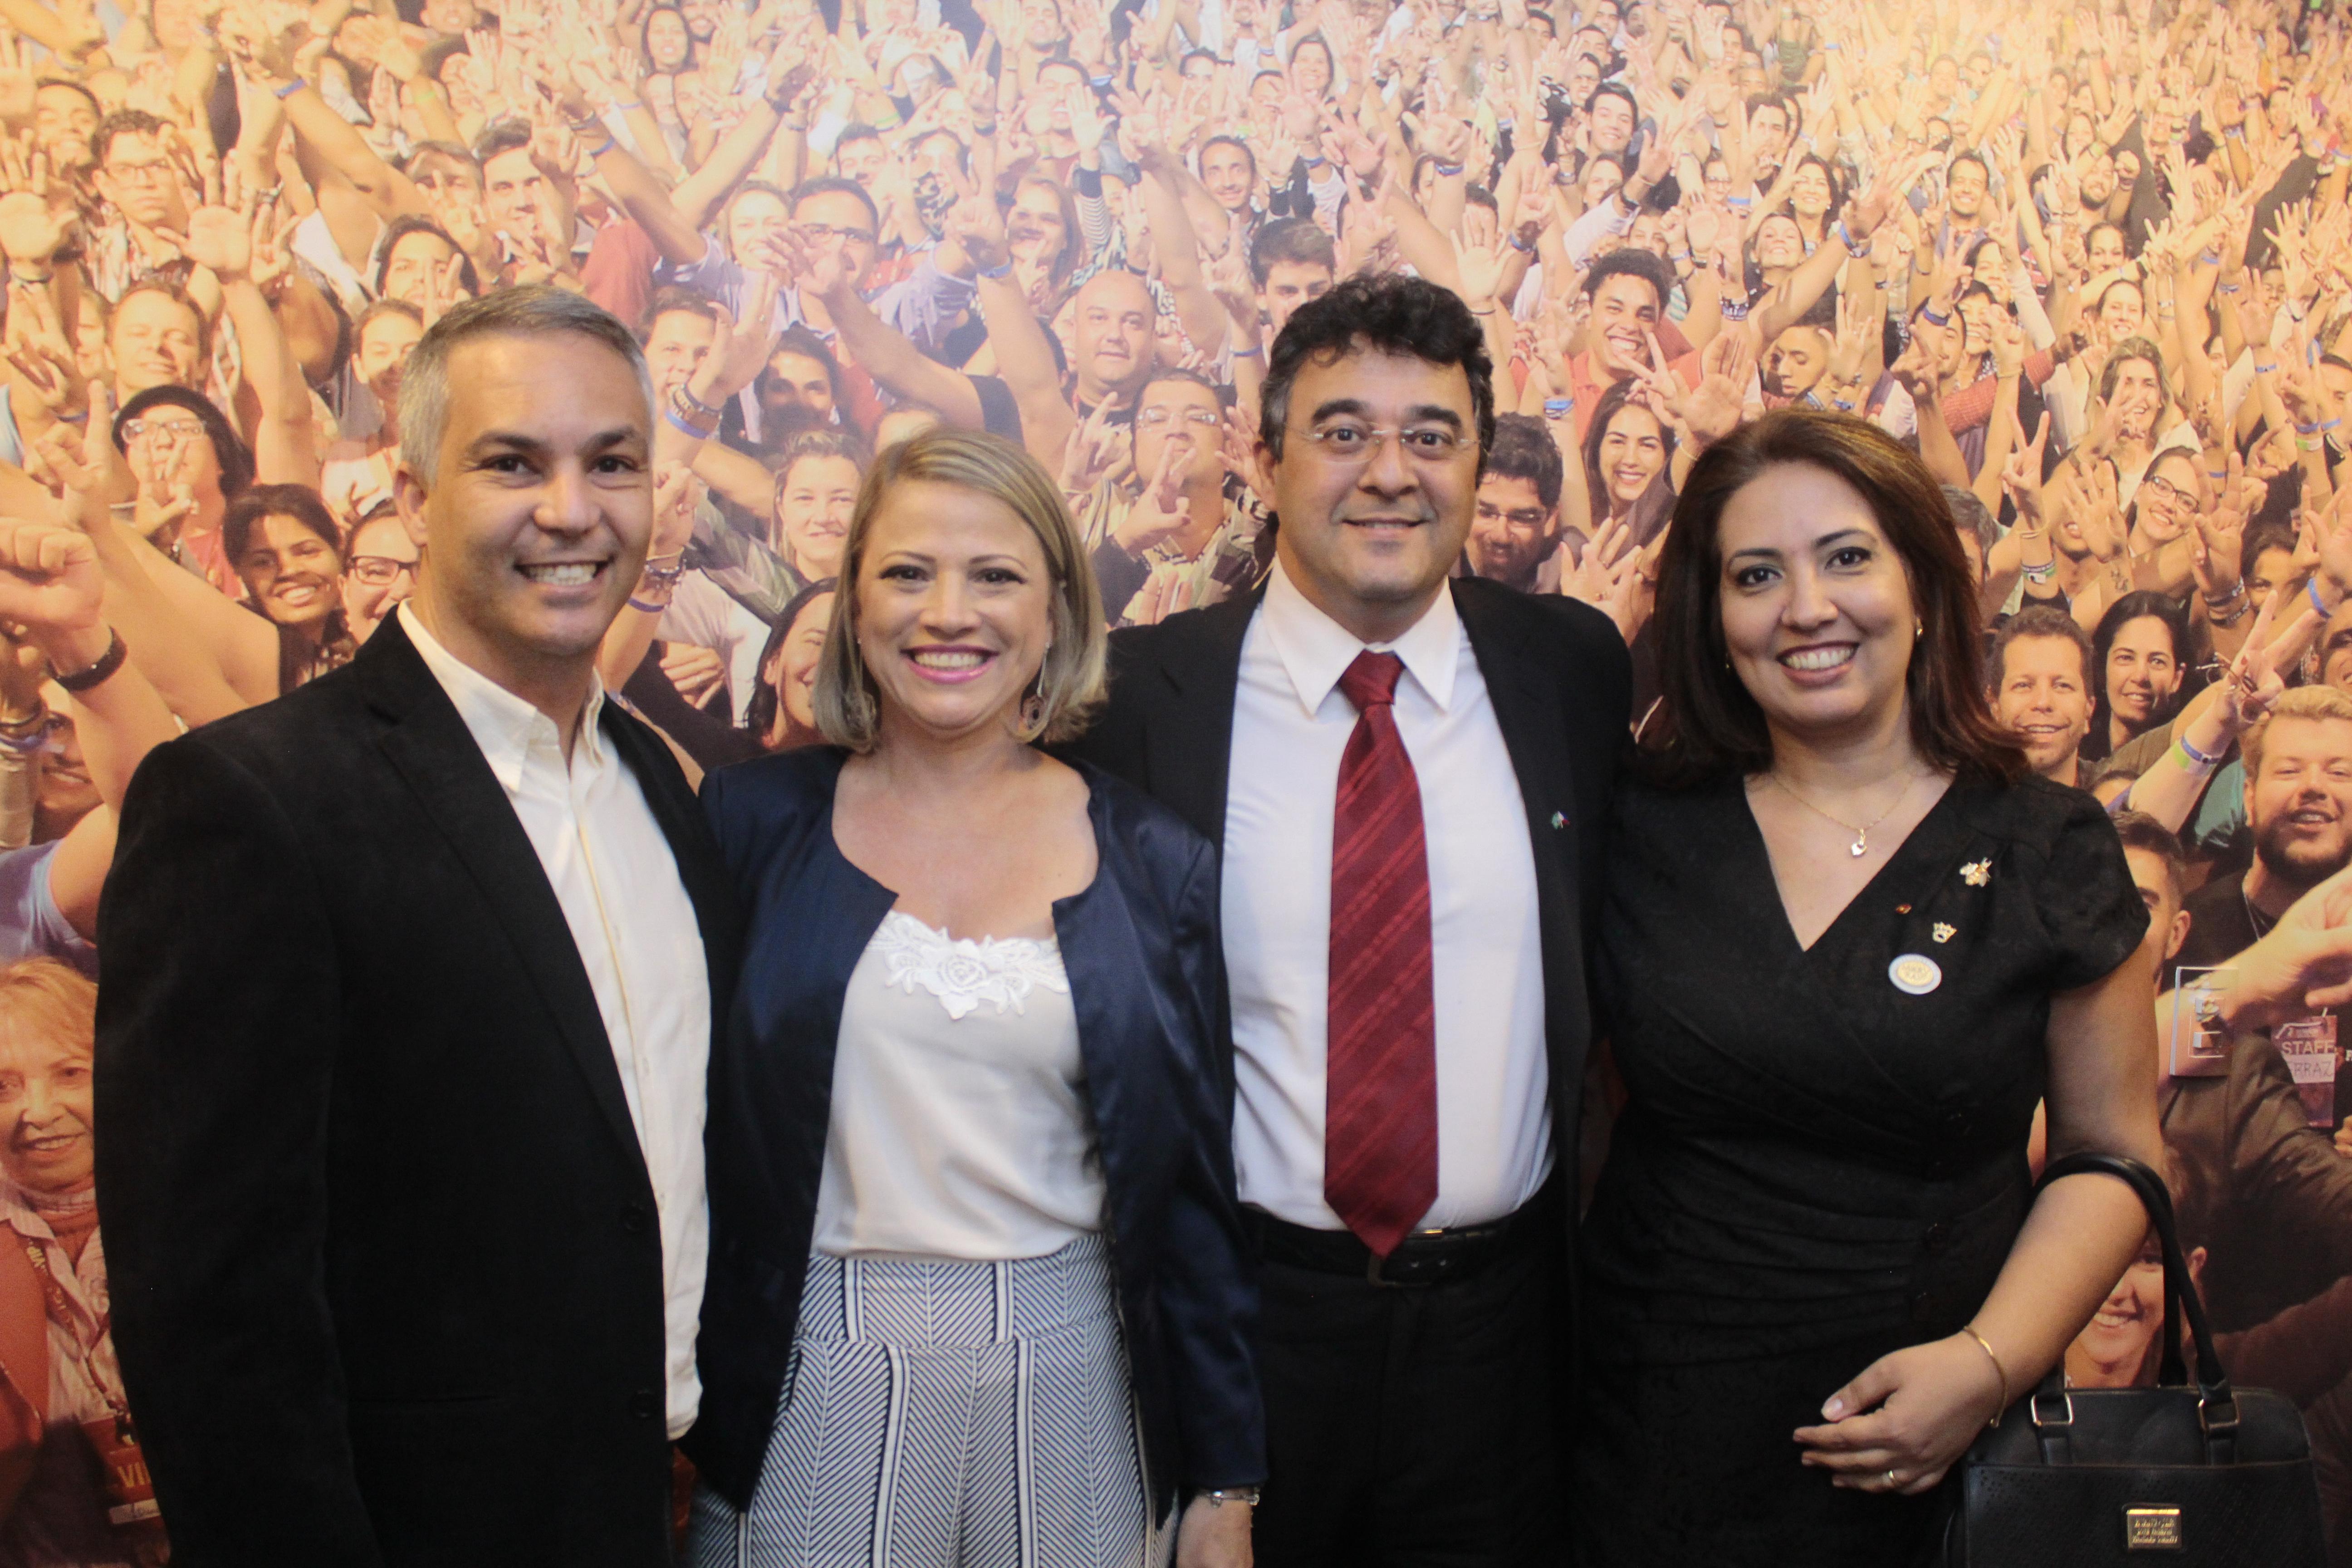 André Viana e ivonete Viana, Miriam e edilio Cavalcante